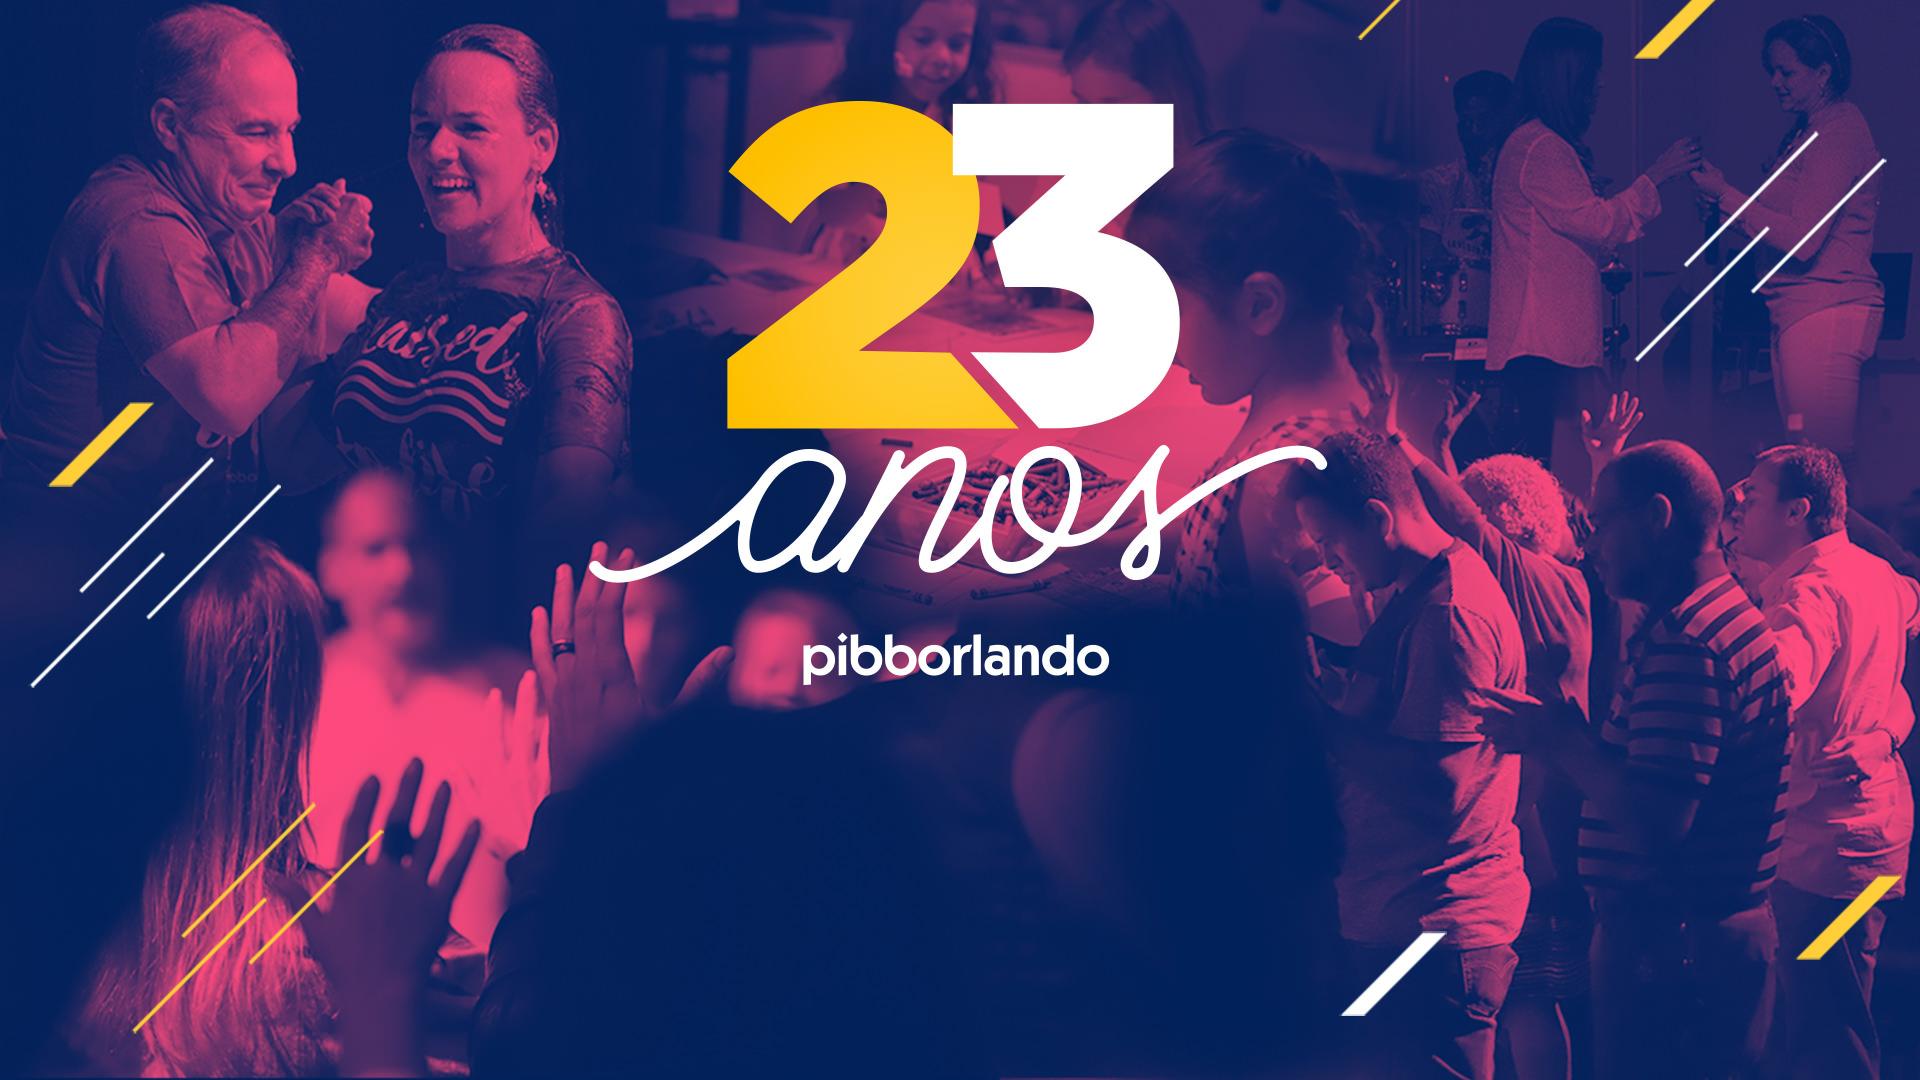 AniversarioPibbo_1920x1080px_title_02252019